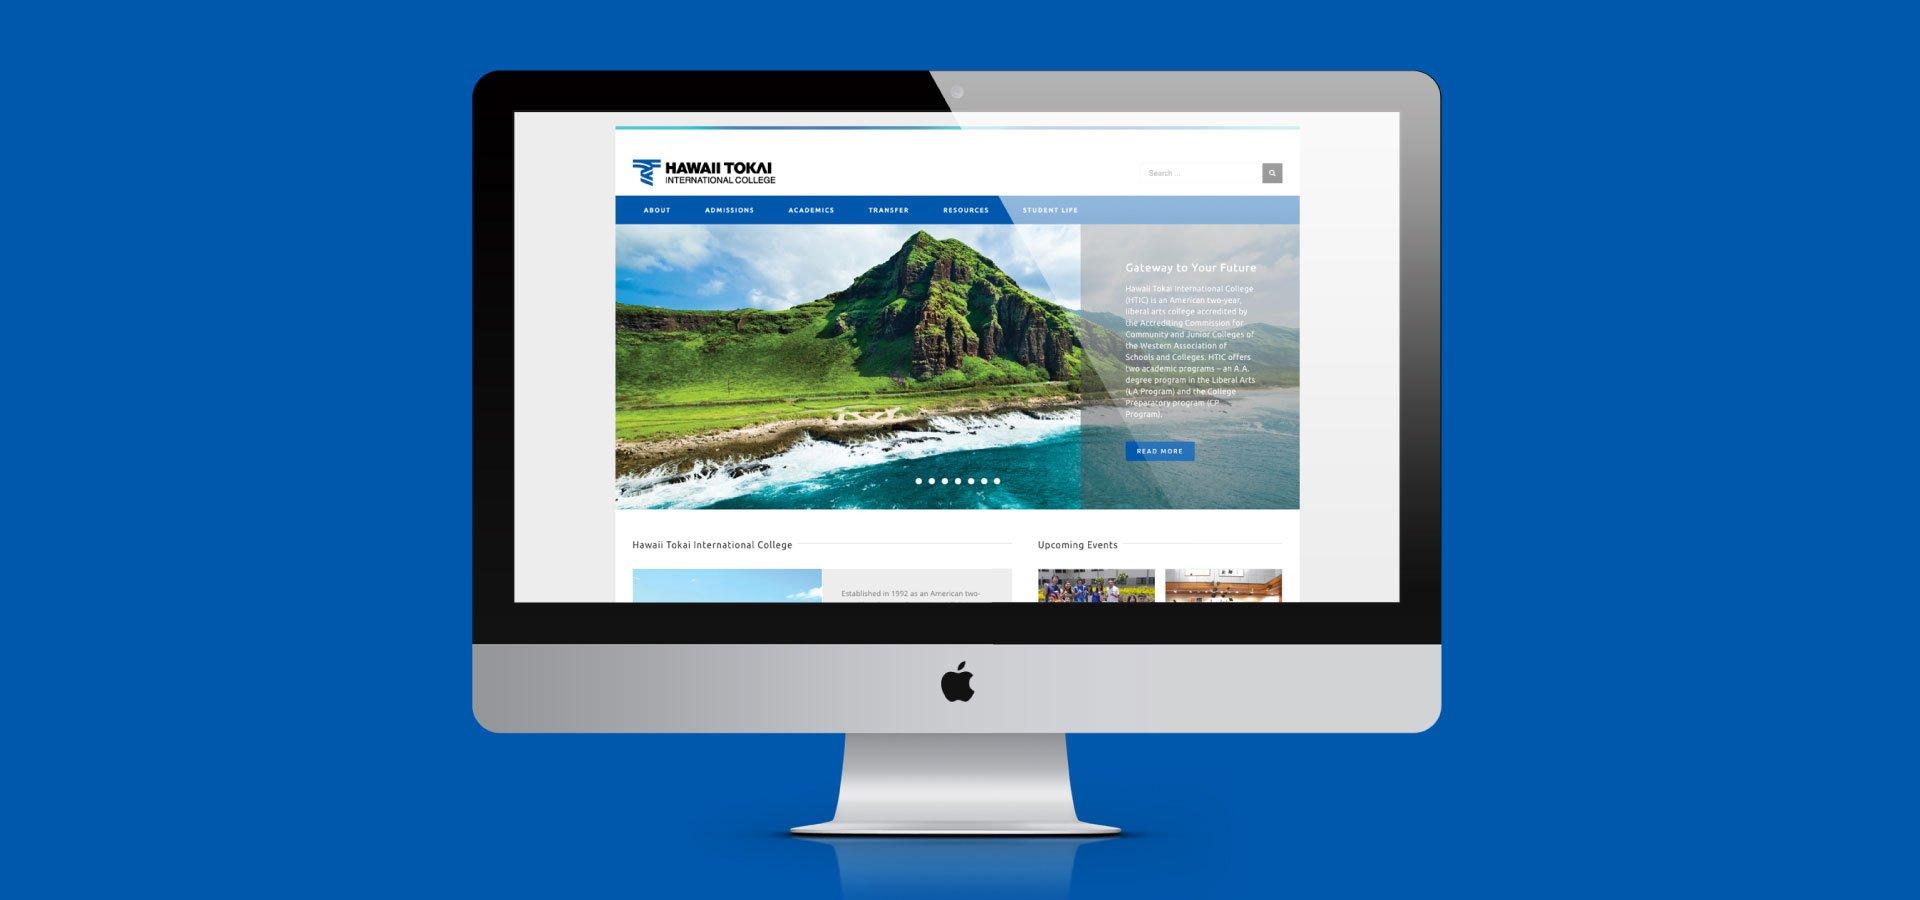 Tokai website on desktop